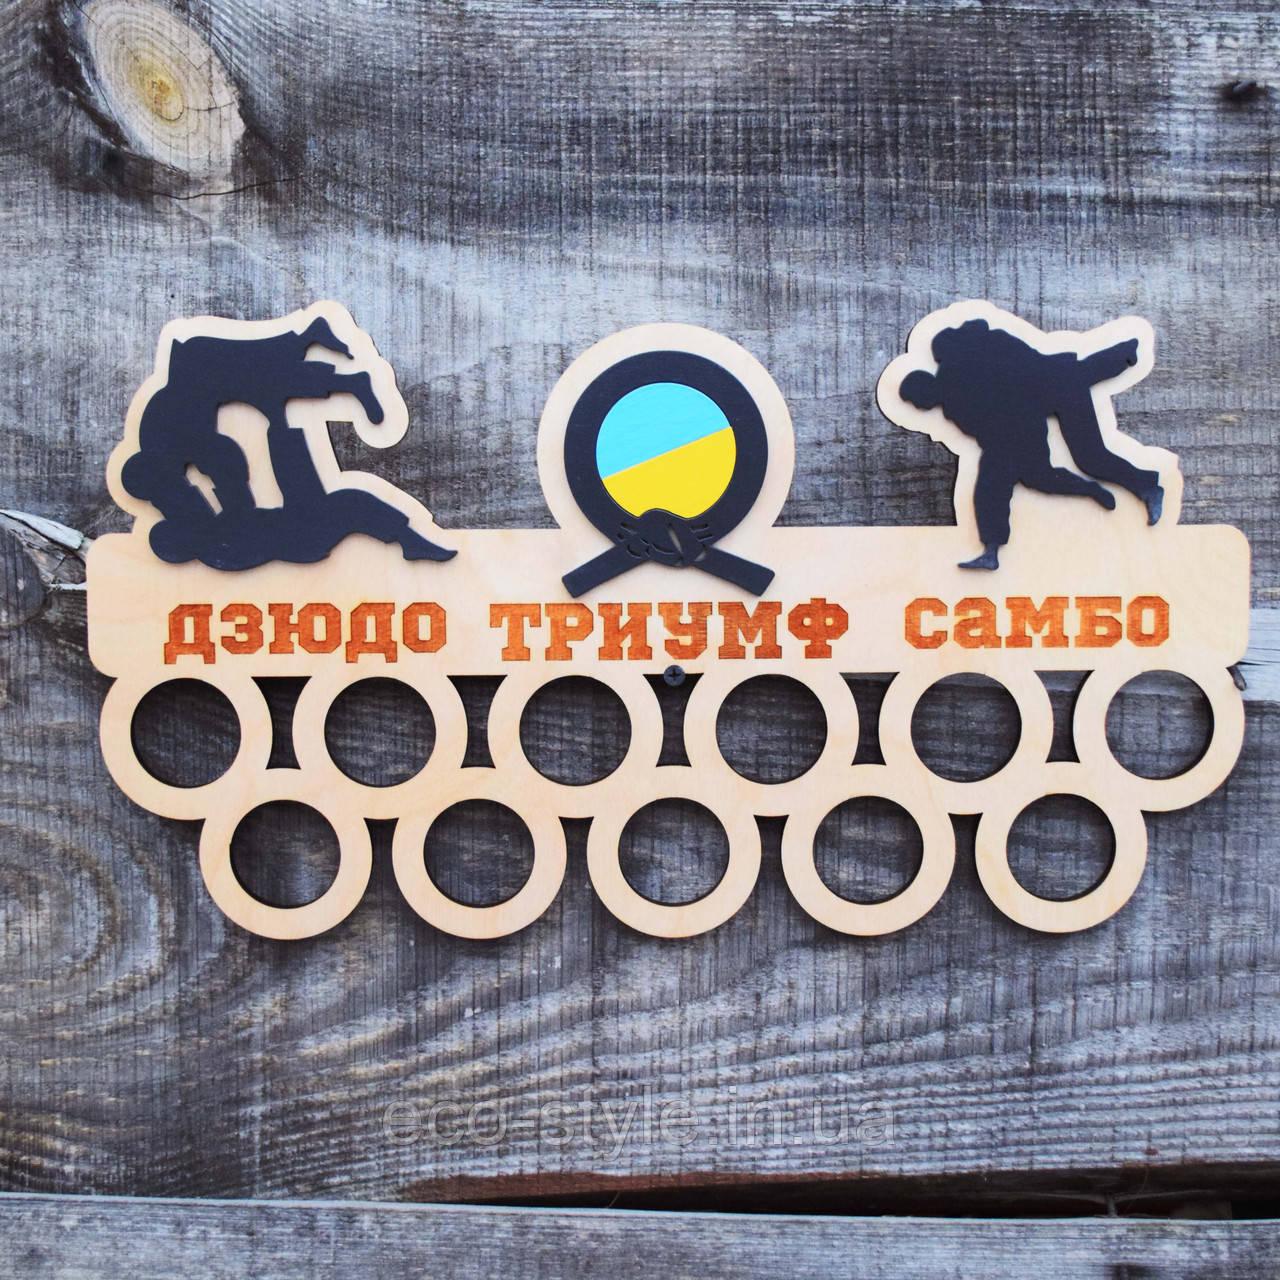 Медальница для дзюдо. Холдер для медалей Judo